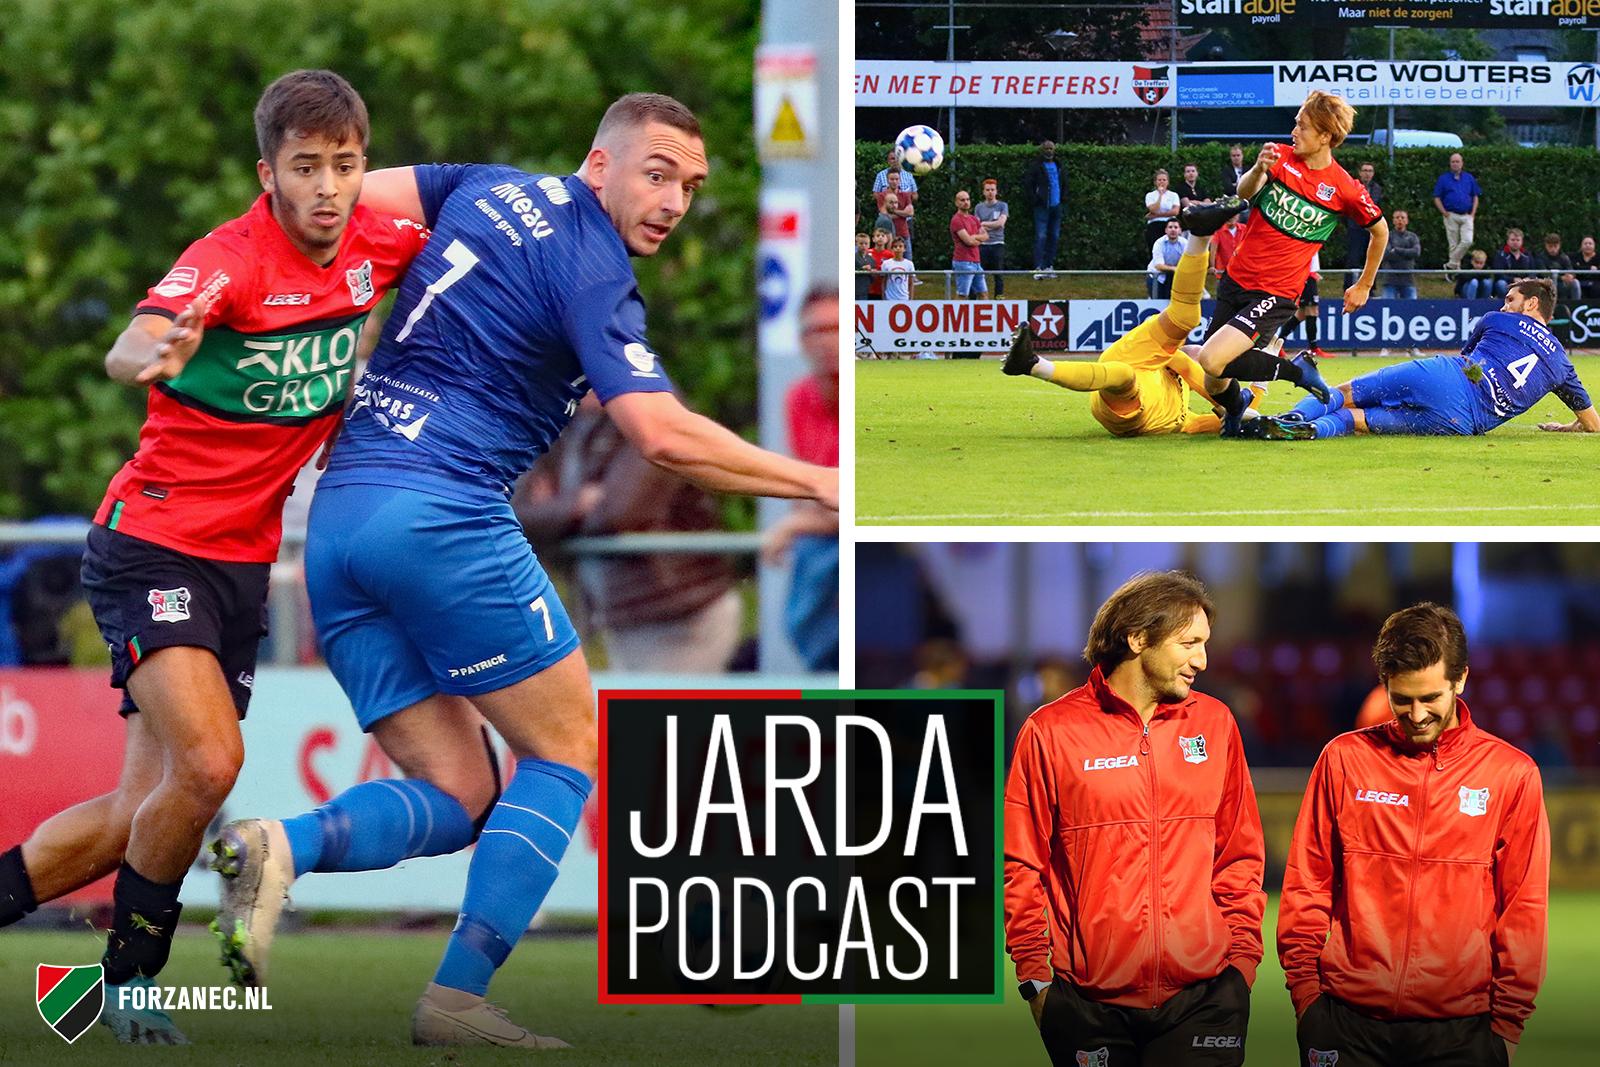 Jarda Podcast #47: 'Nijmeegse Thomas Müller' en zorgen om de aanval